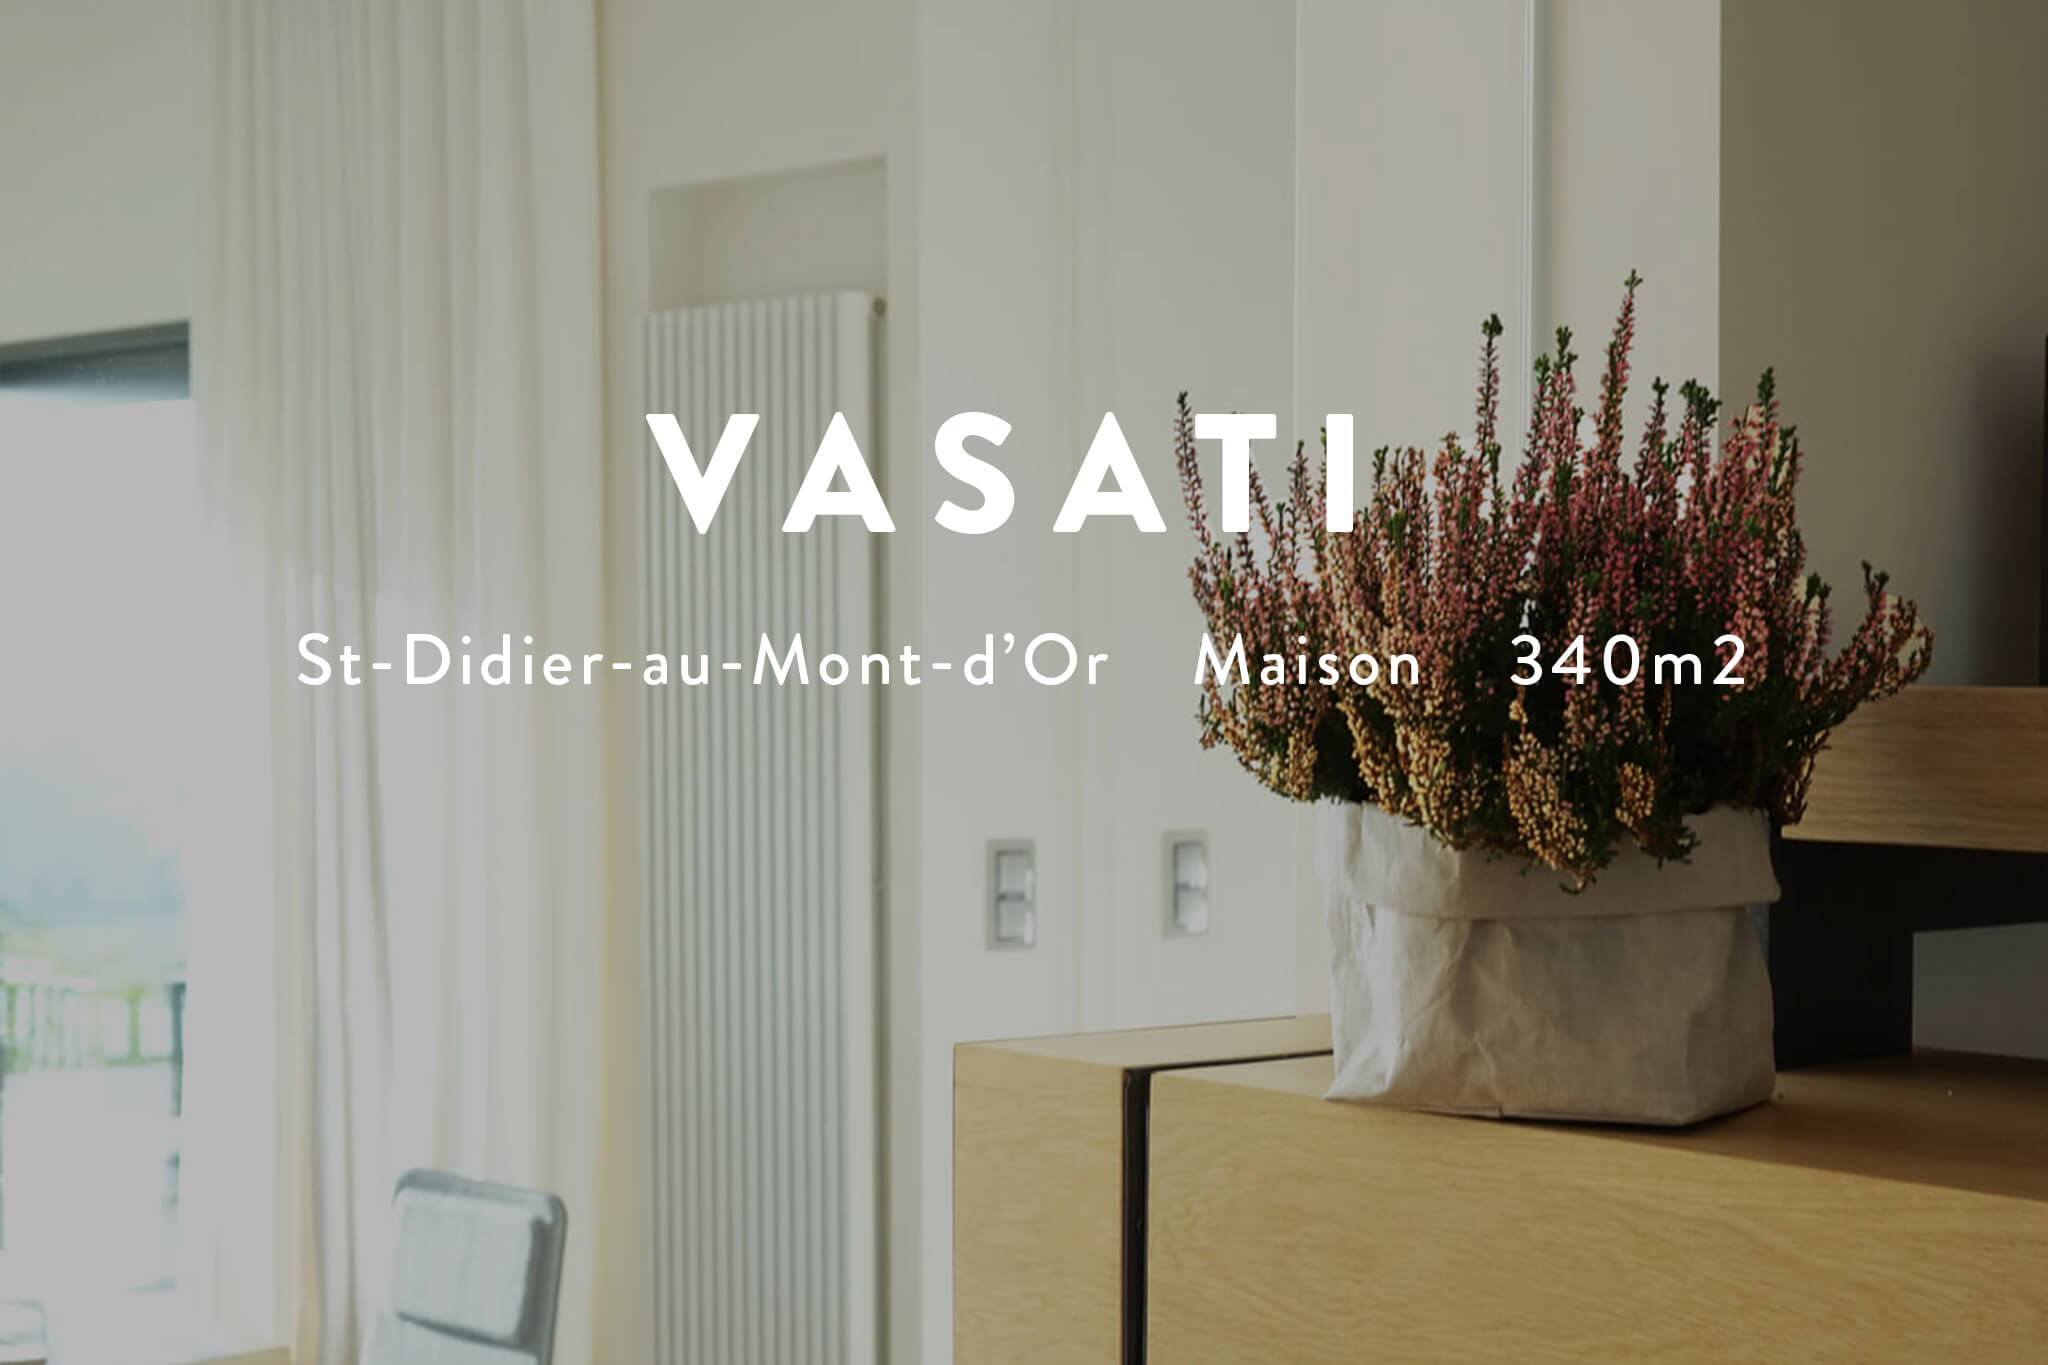 bumper-lyon-france-homestaging-decoration-architecte-immobilier-design-lifestyle-appartement-investissement-achat-vente-location